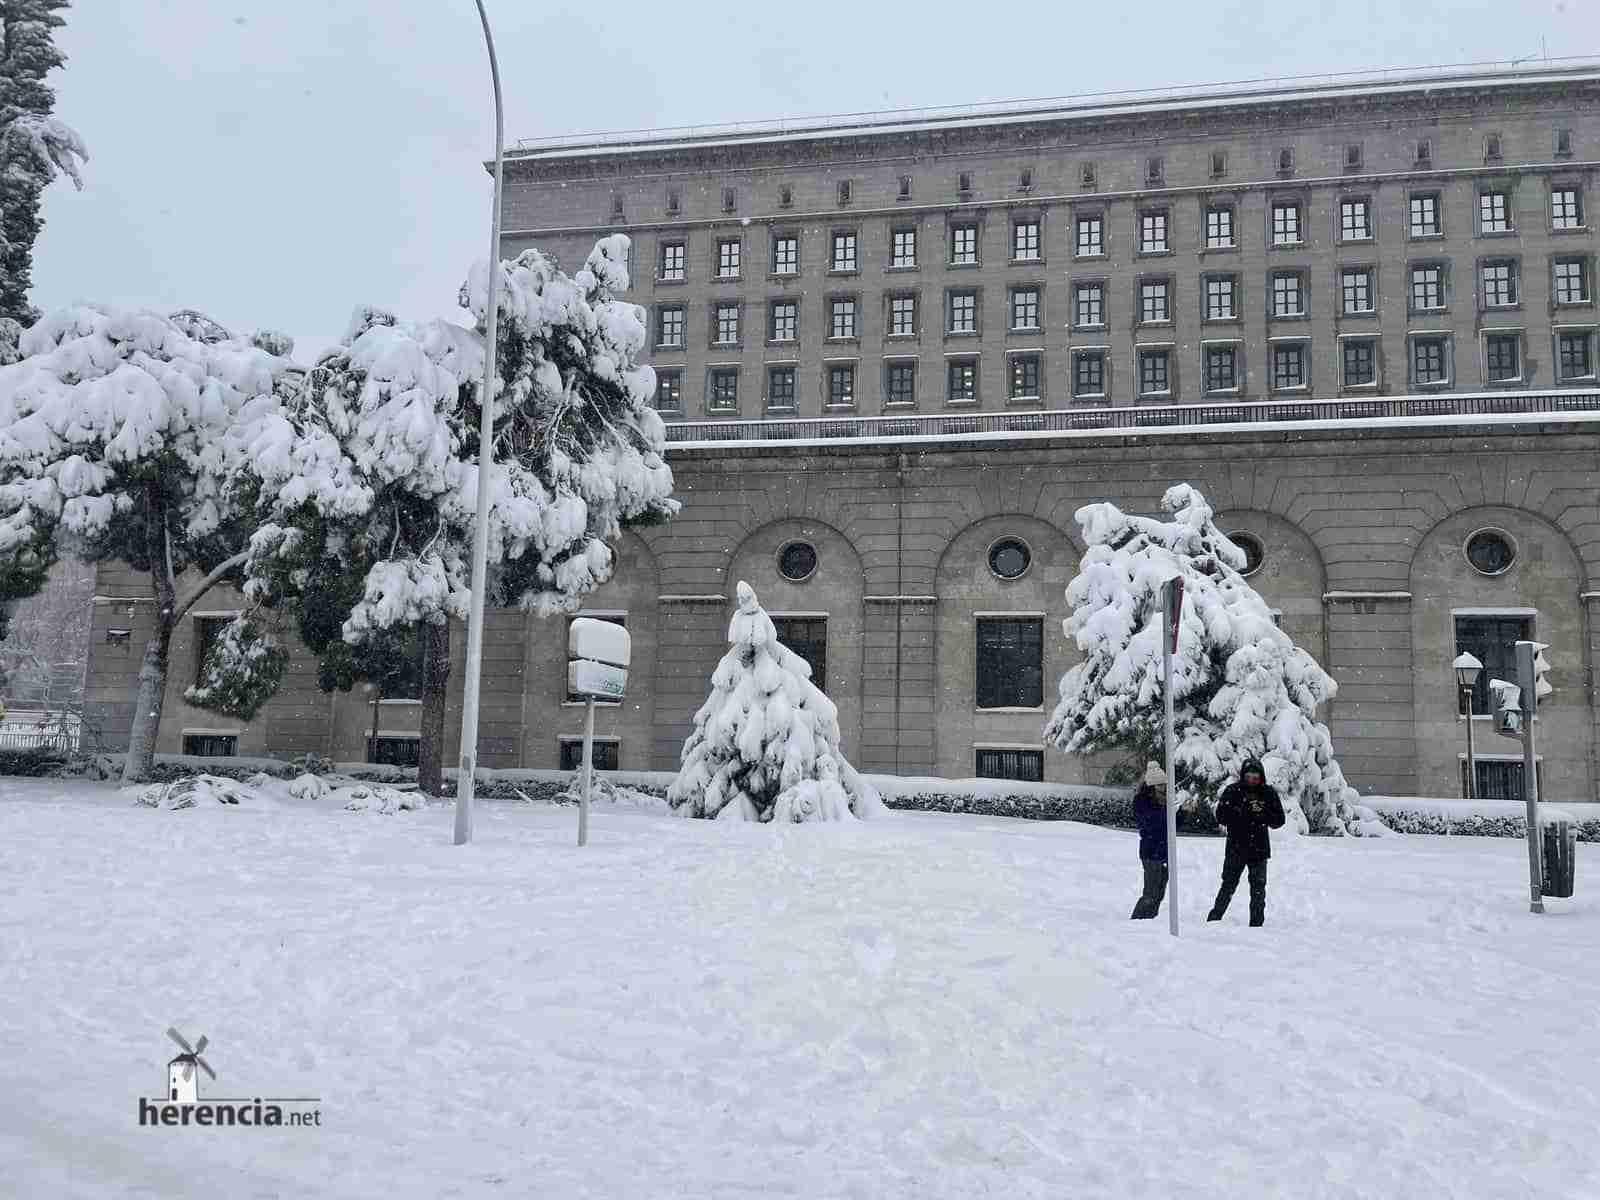 Fotografías de la nevada de enero en Madrid (España) 123